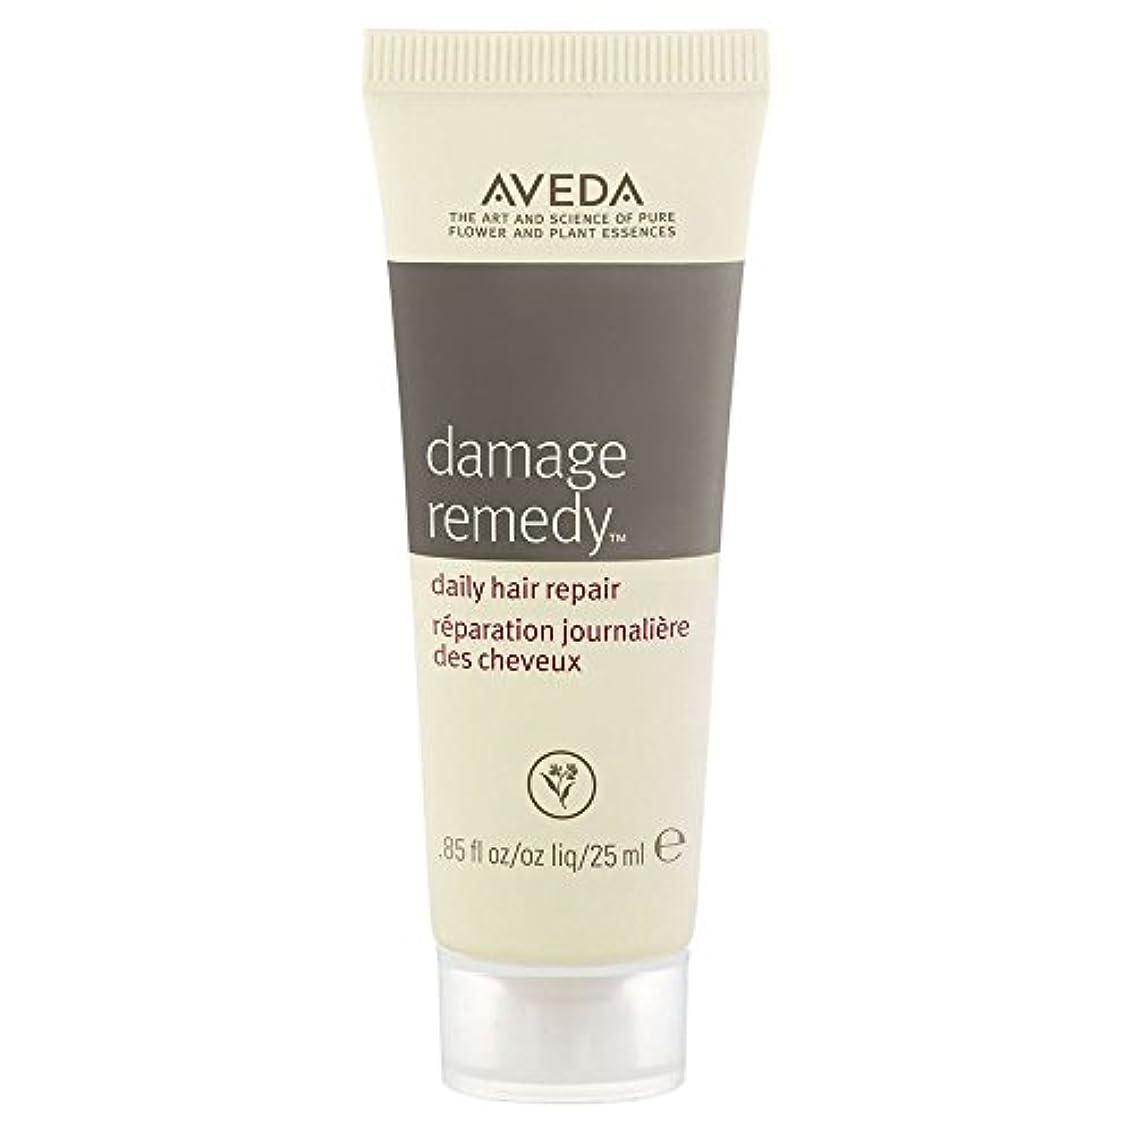 促進する縮れた文法[AVEDA] アヴェダダメージ救済毎日髪の補修 - Aveda Damage Remedy Daily Hair Repair [並行輸入品]